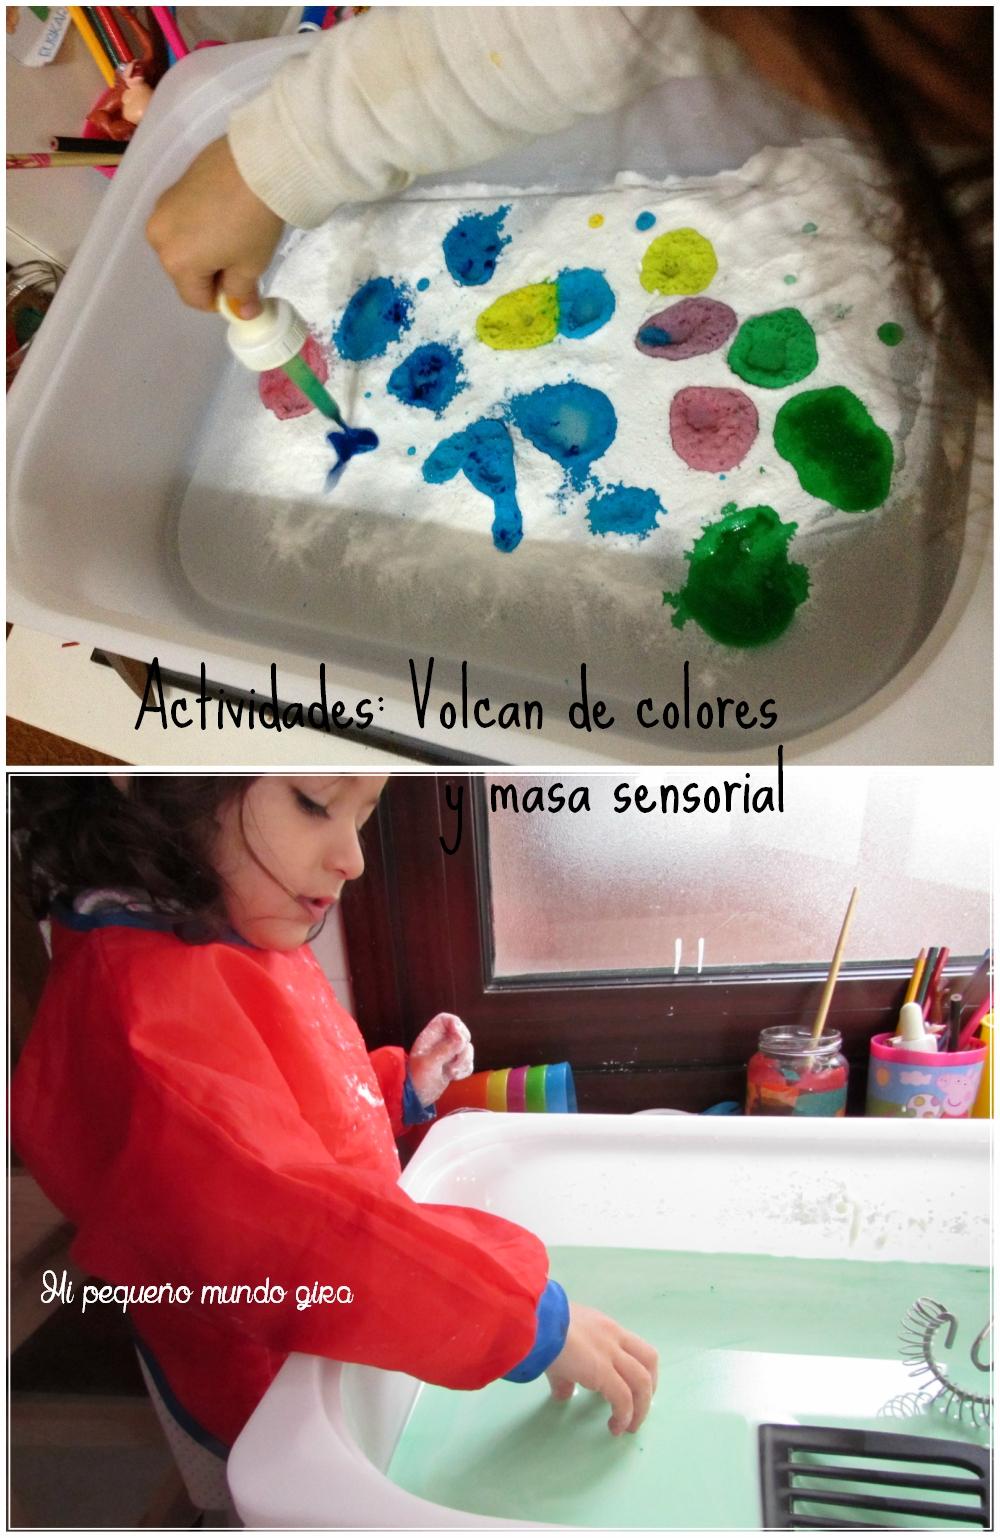 Actividades volcan y masa sensorial